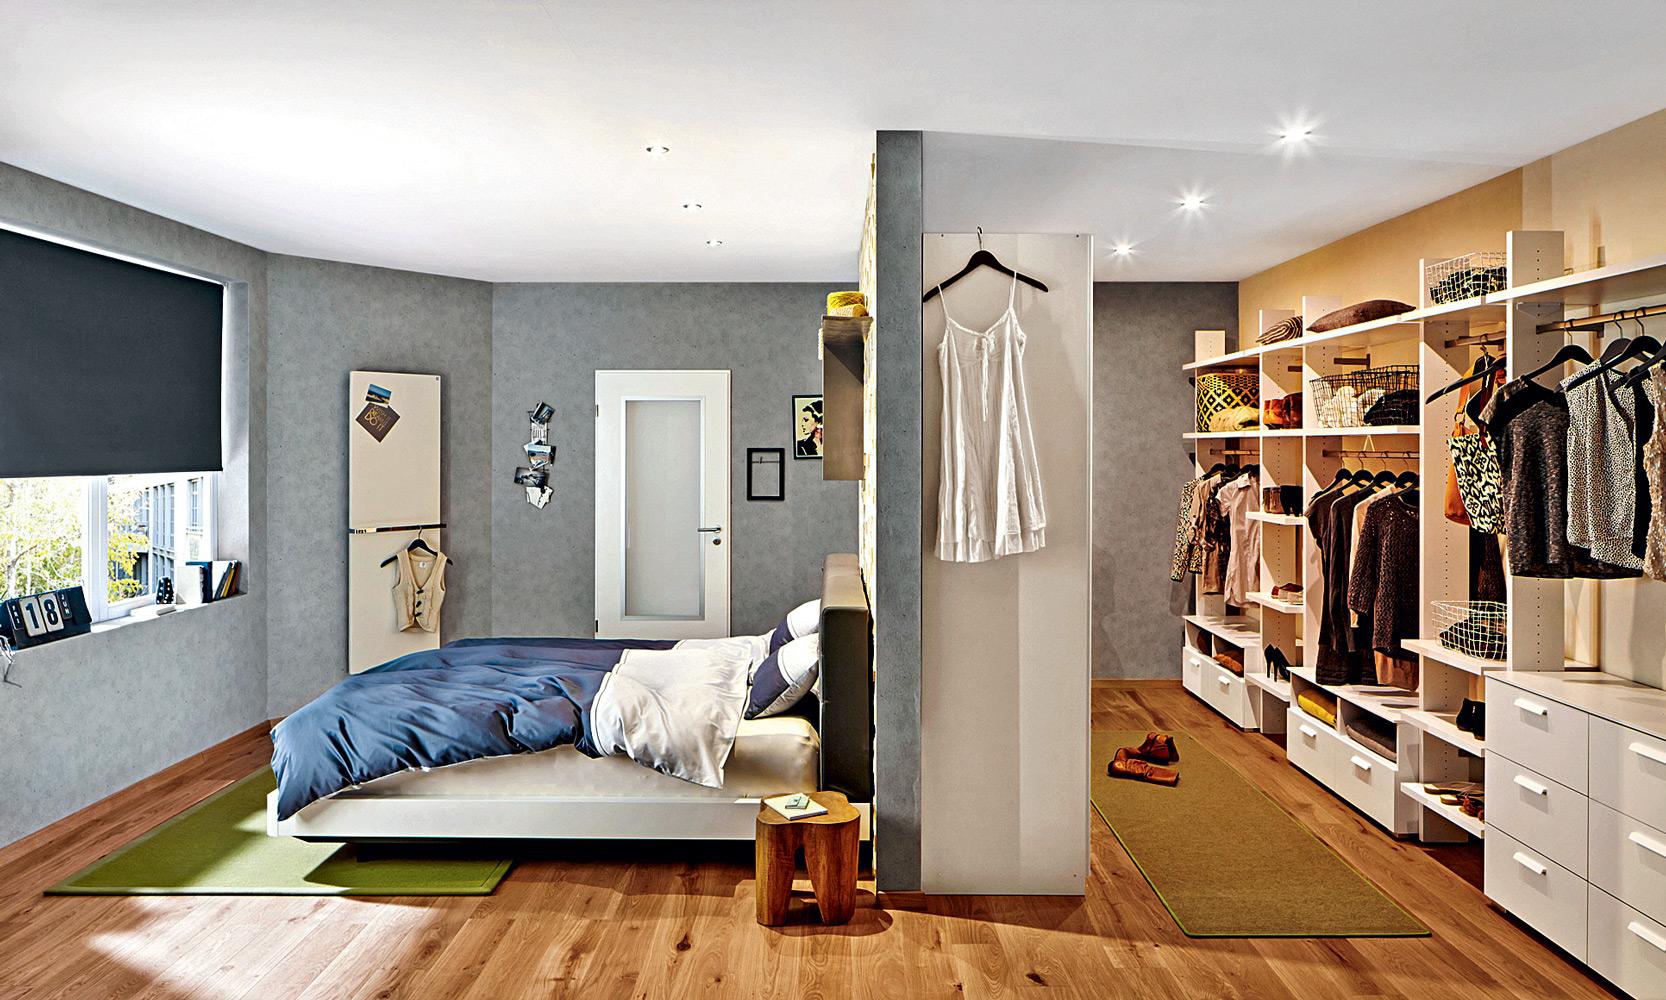 Дизайн гостиной 15 кв м  80 фото идей необычного оформления